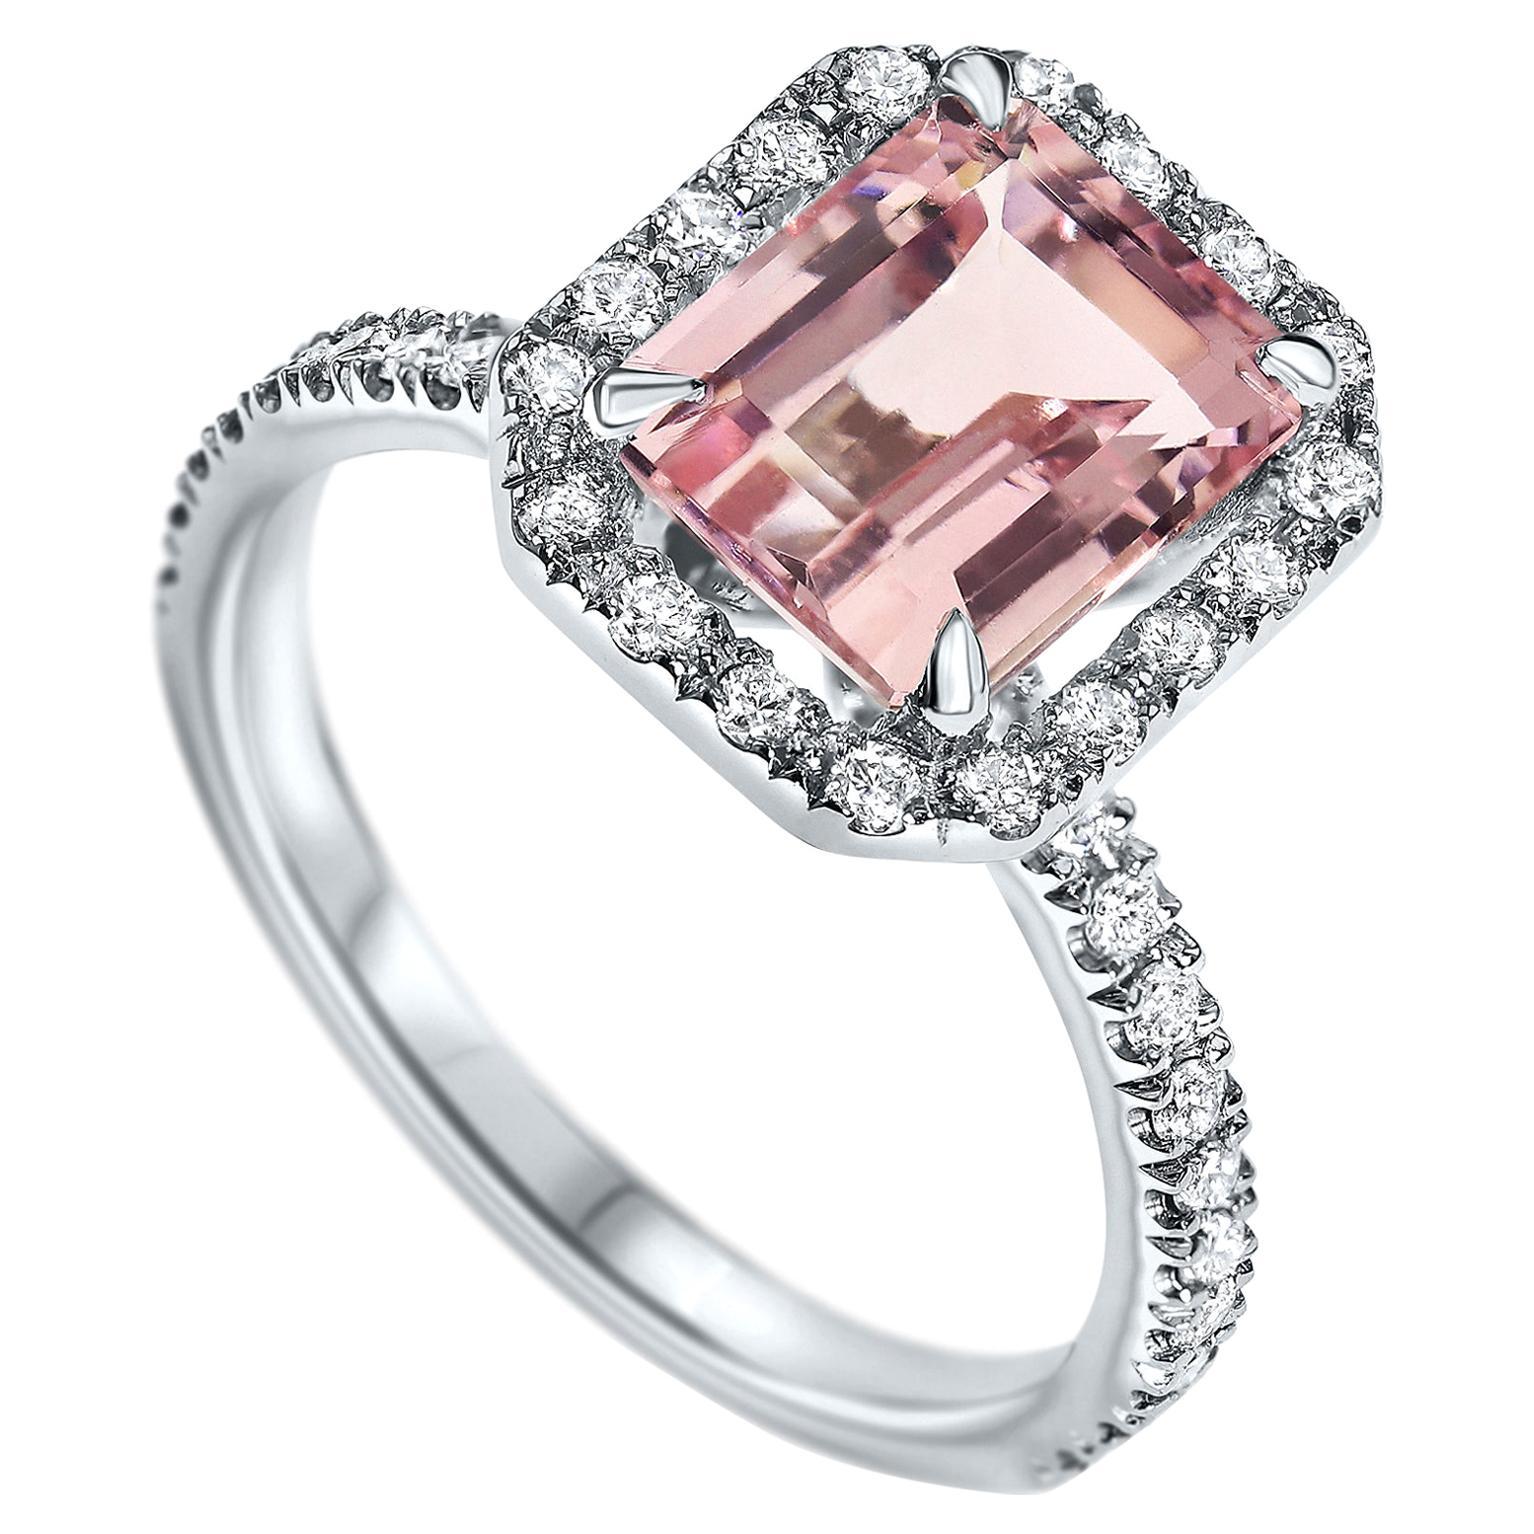 2.01 Carat Morganite and Diamond Ring in 14 Karat White Gold - Shlomit Rogel